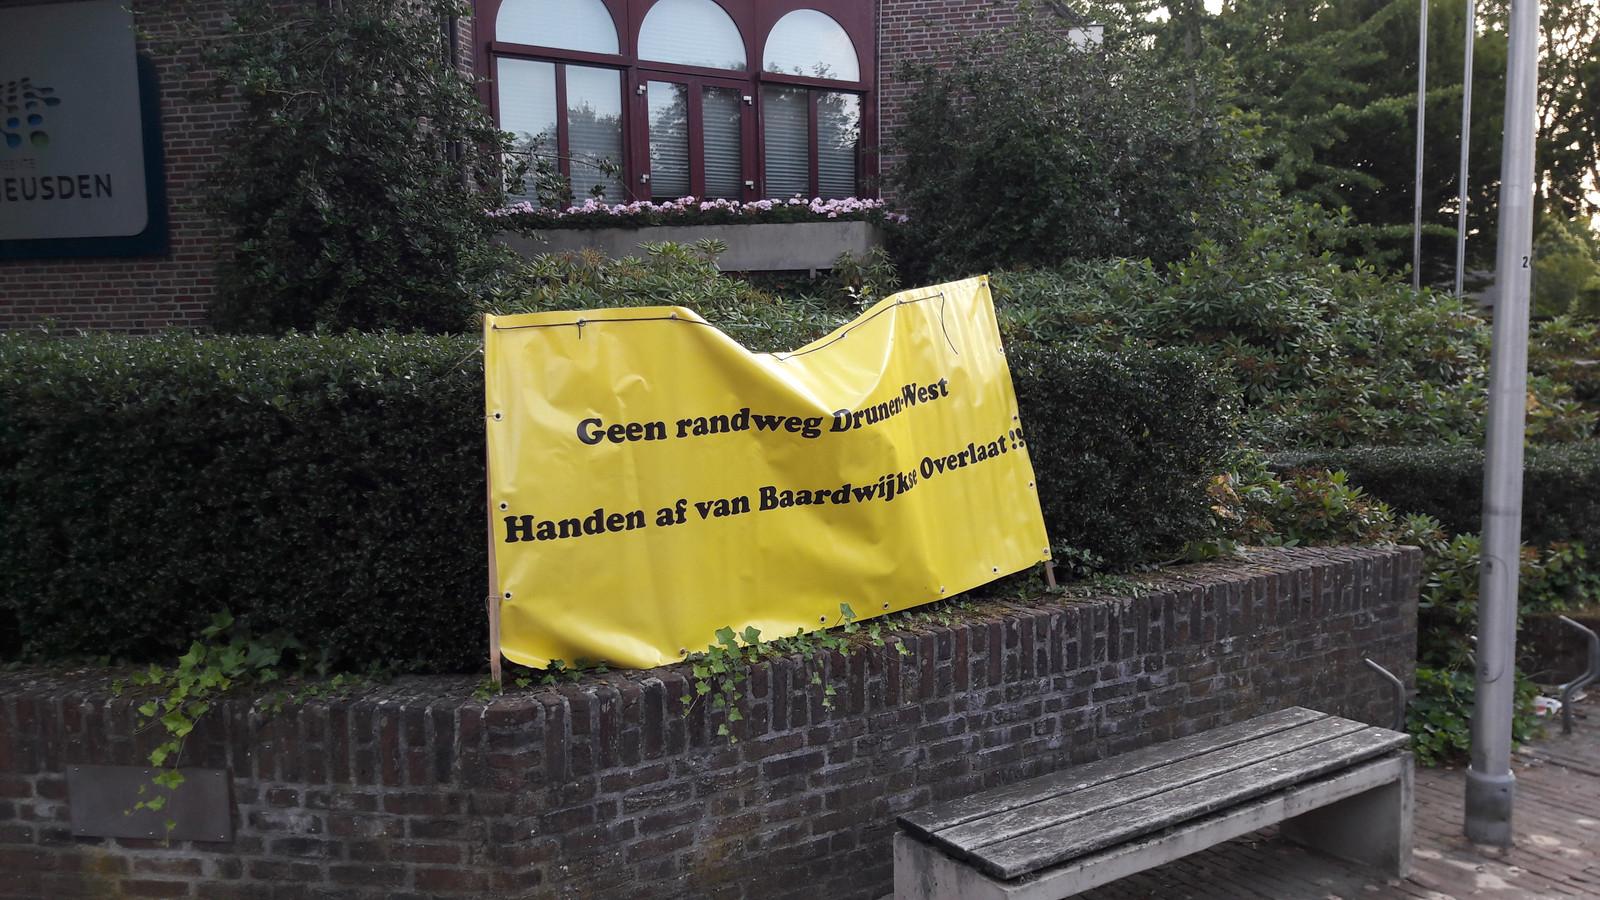 Een stil protest bij het gemeentehuis in Vlijmen, tegen de plannen met de Baardwijkse Overlaat. In die plannen is onder meer opgenomen een randweg. De plannen zijn onderdeel van Gebiedsontwikkeling Oostelijke Langstraat.